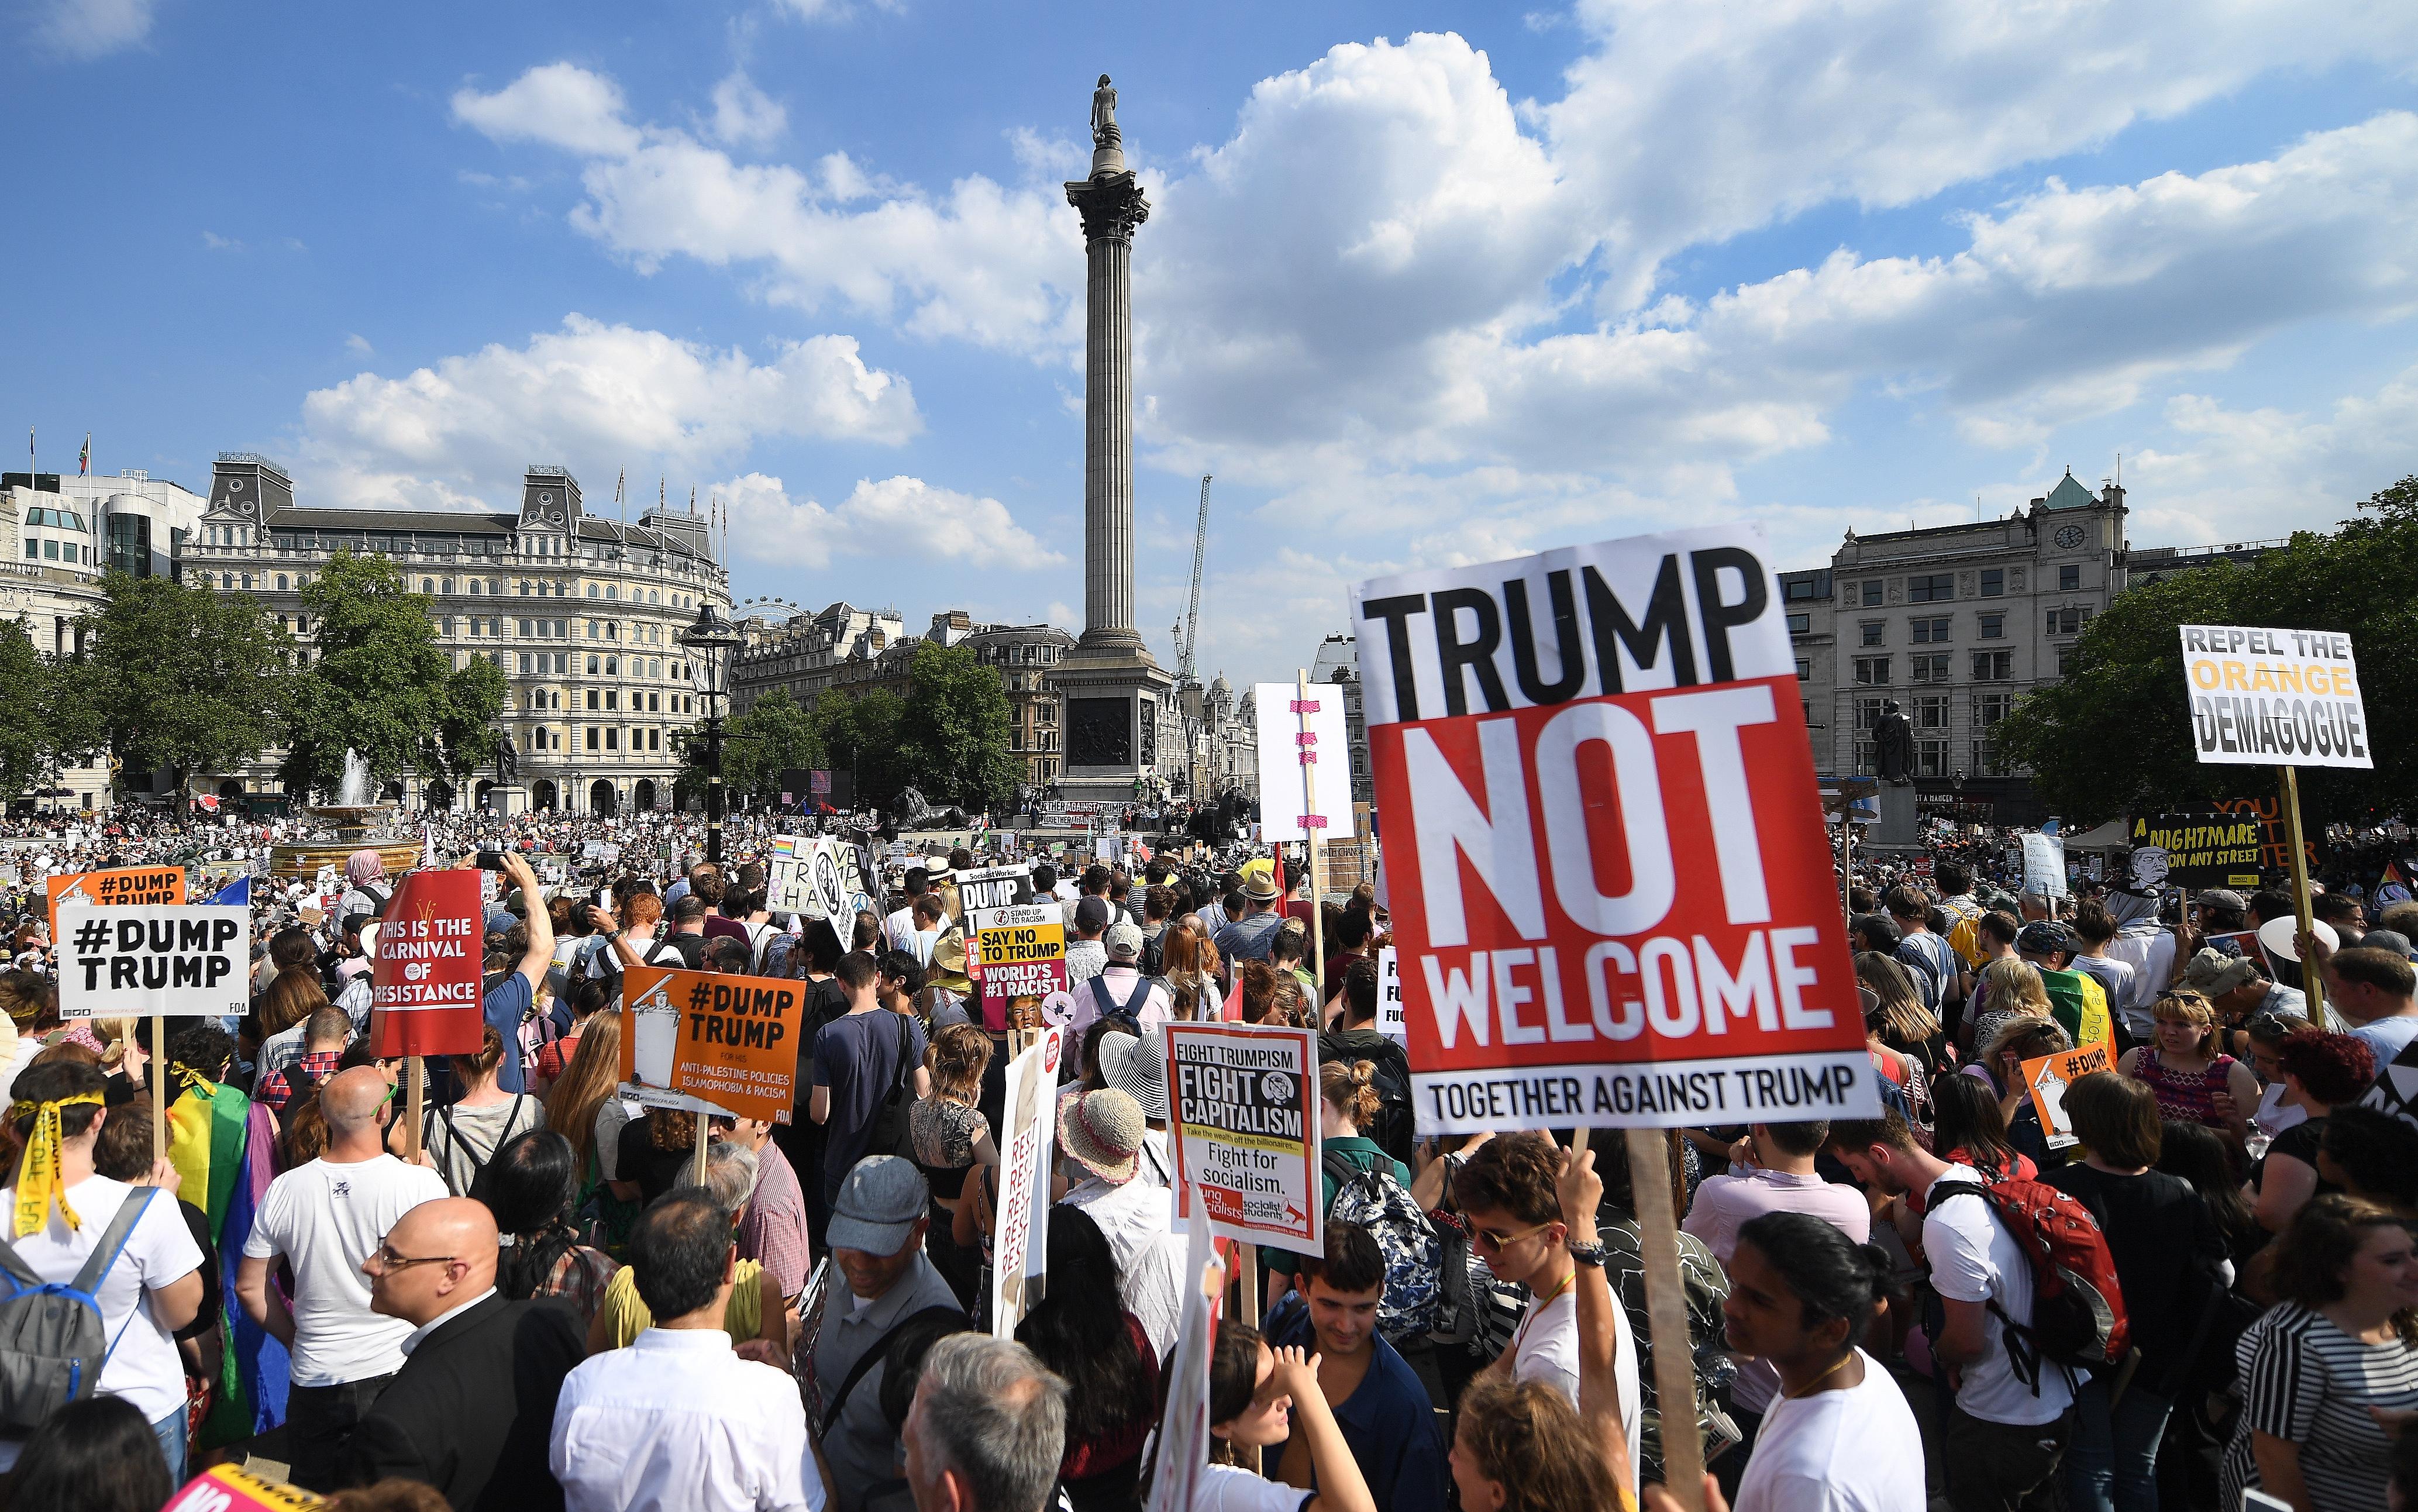 LONDON Deseci tisuća ljudi prosvjedovali protiv posjeta američkog predsjednika